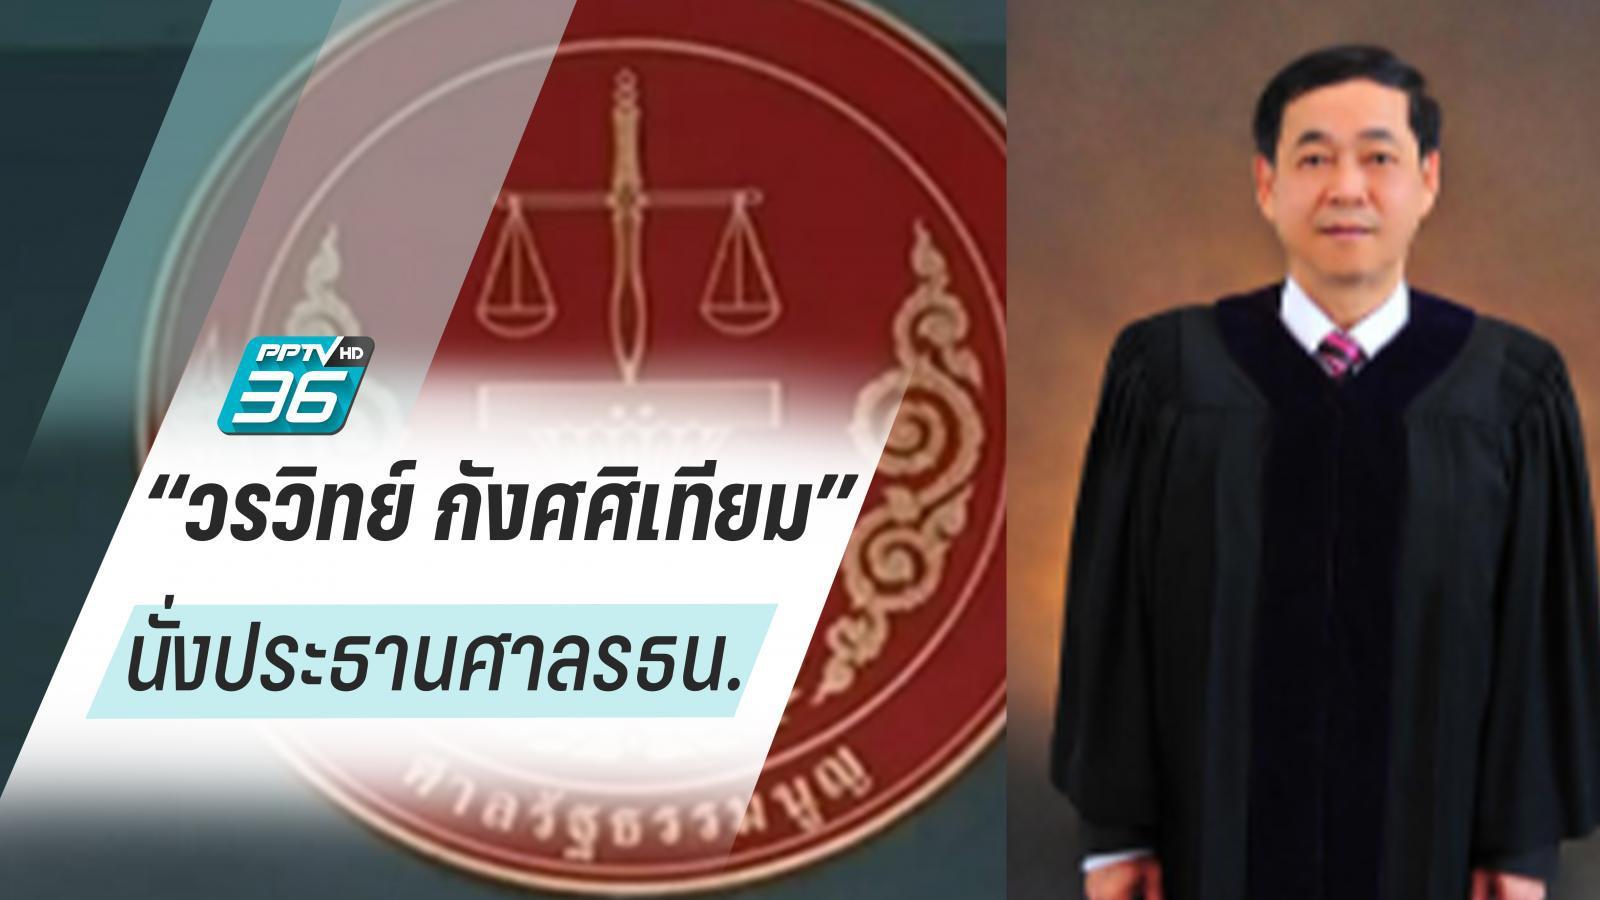 """เลือก """"วรวิทย์ กังศศิเทียม"""" นั่งประธานศาลรัฐธรรมนูญคนใหม่"""